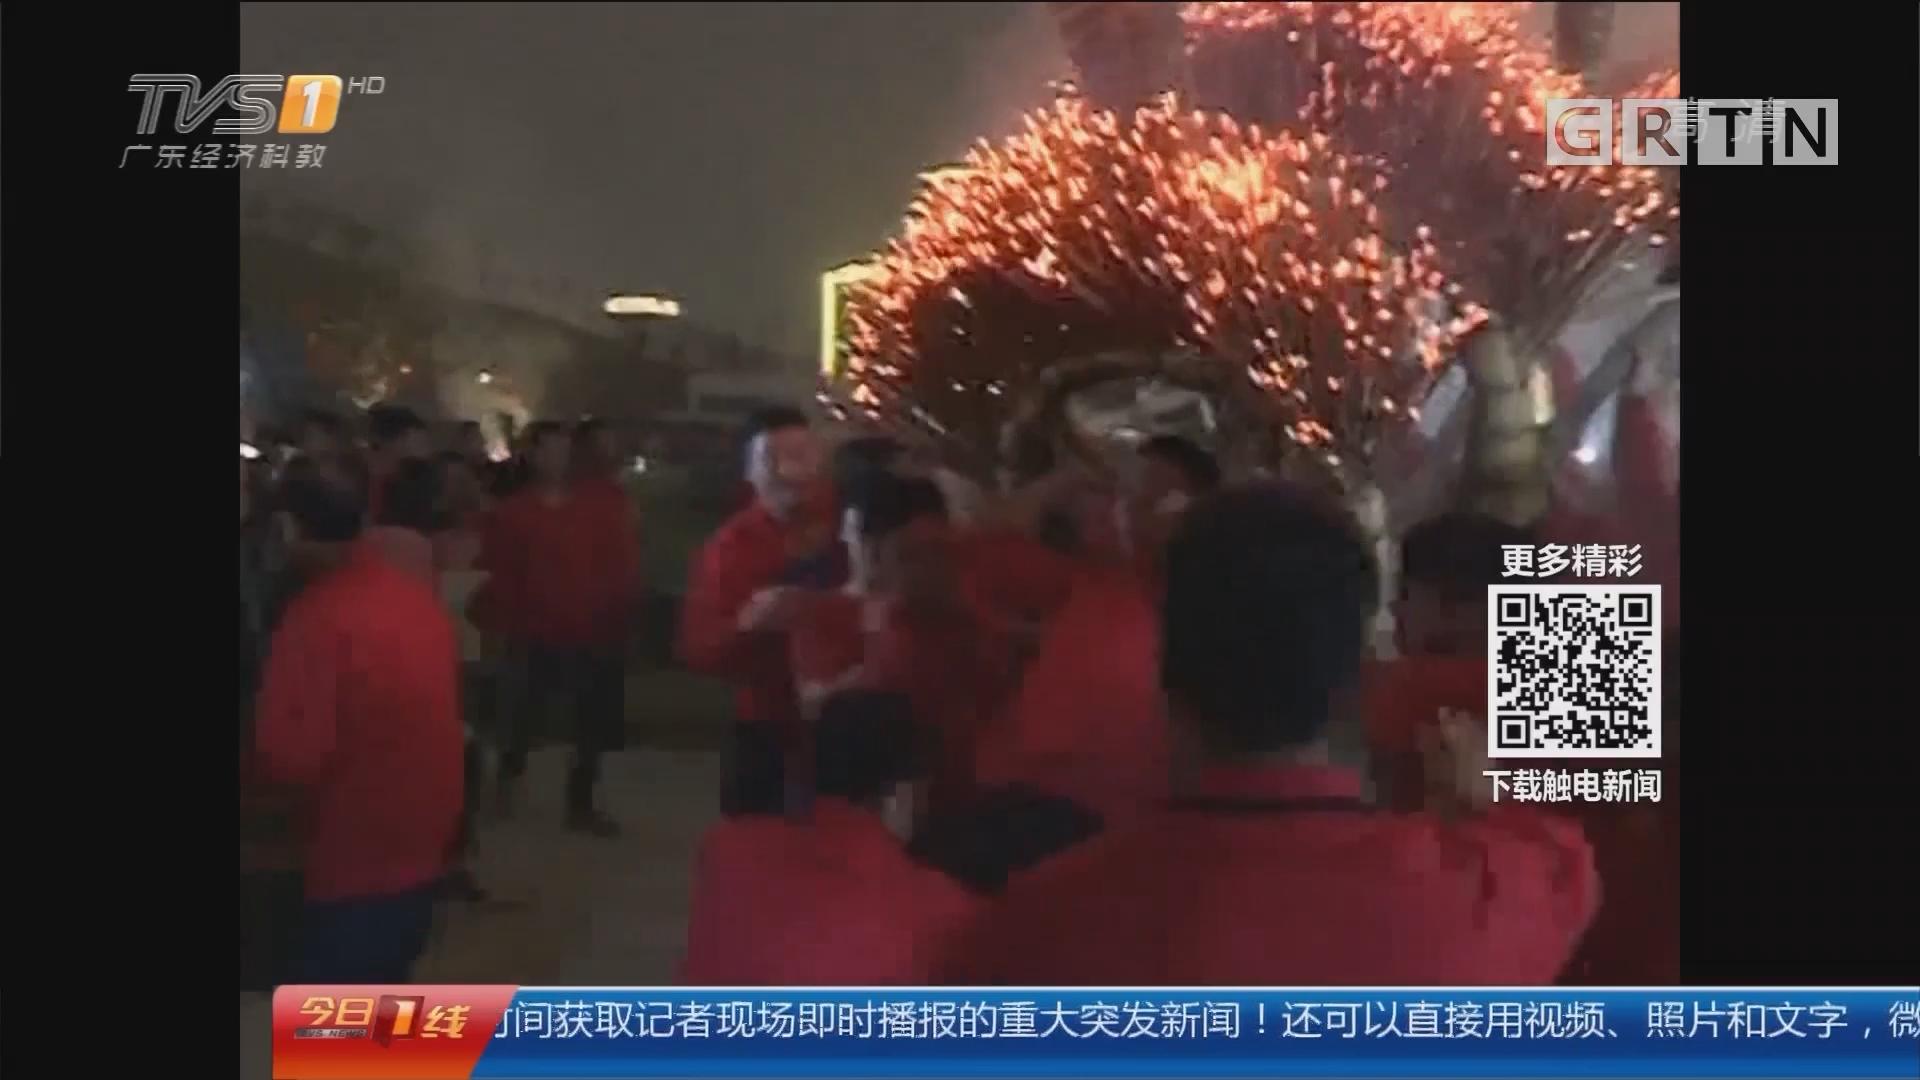 江门鹤山:锣鼓喧天送祝福 火龙起舞庆丰年